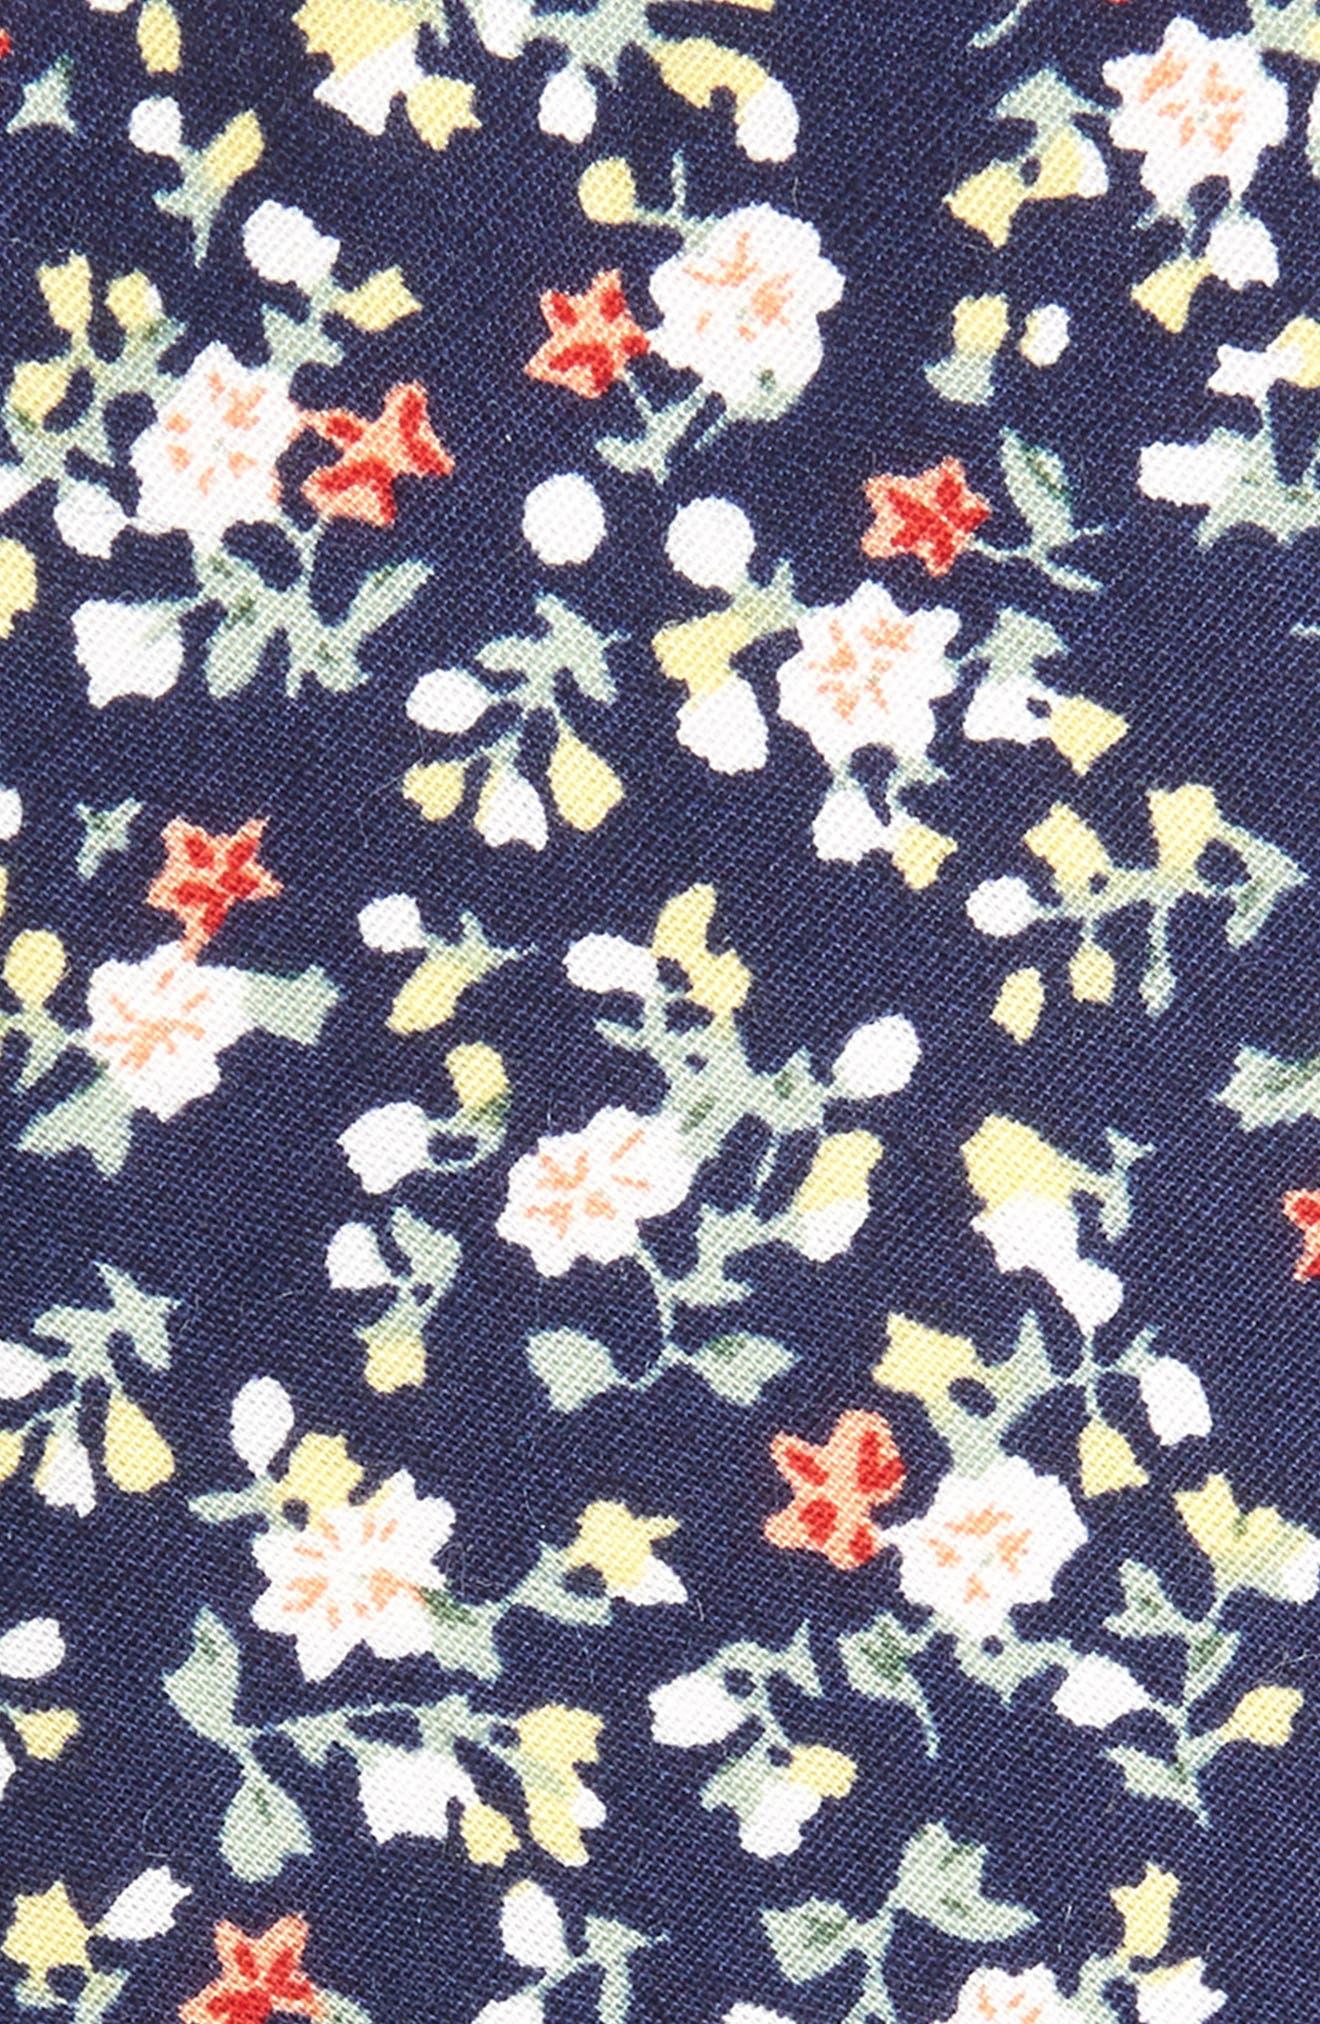 Venera Floral Cotton Tie,                             Alternate thumbnail 2, color,                             NAVY